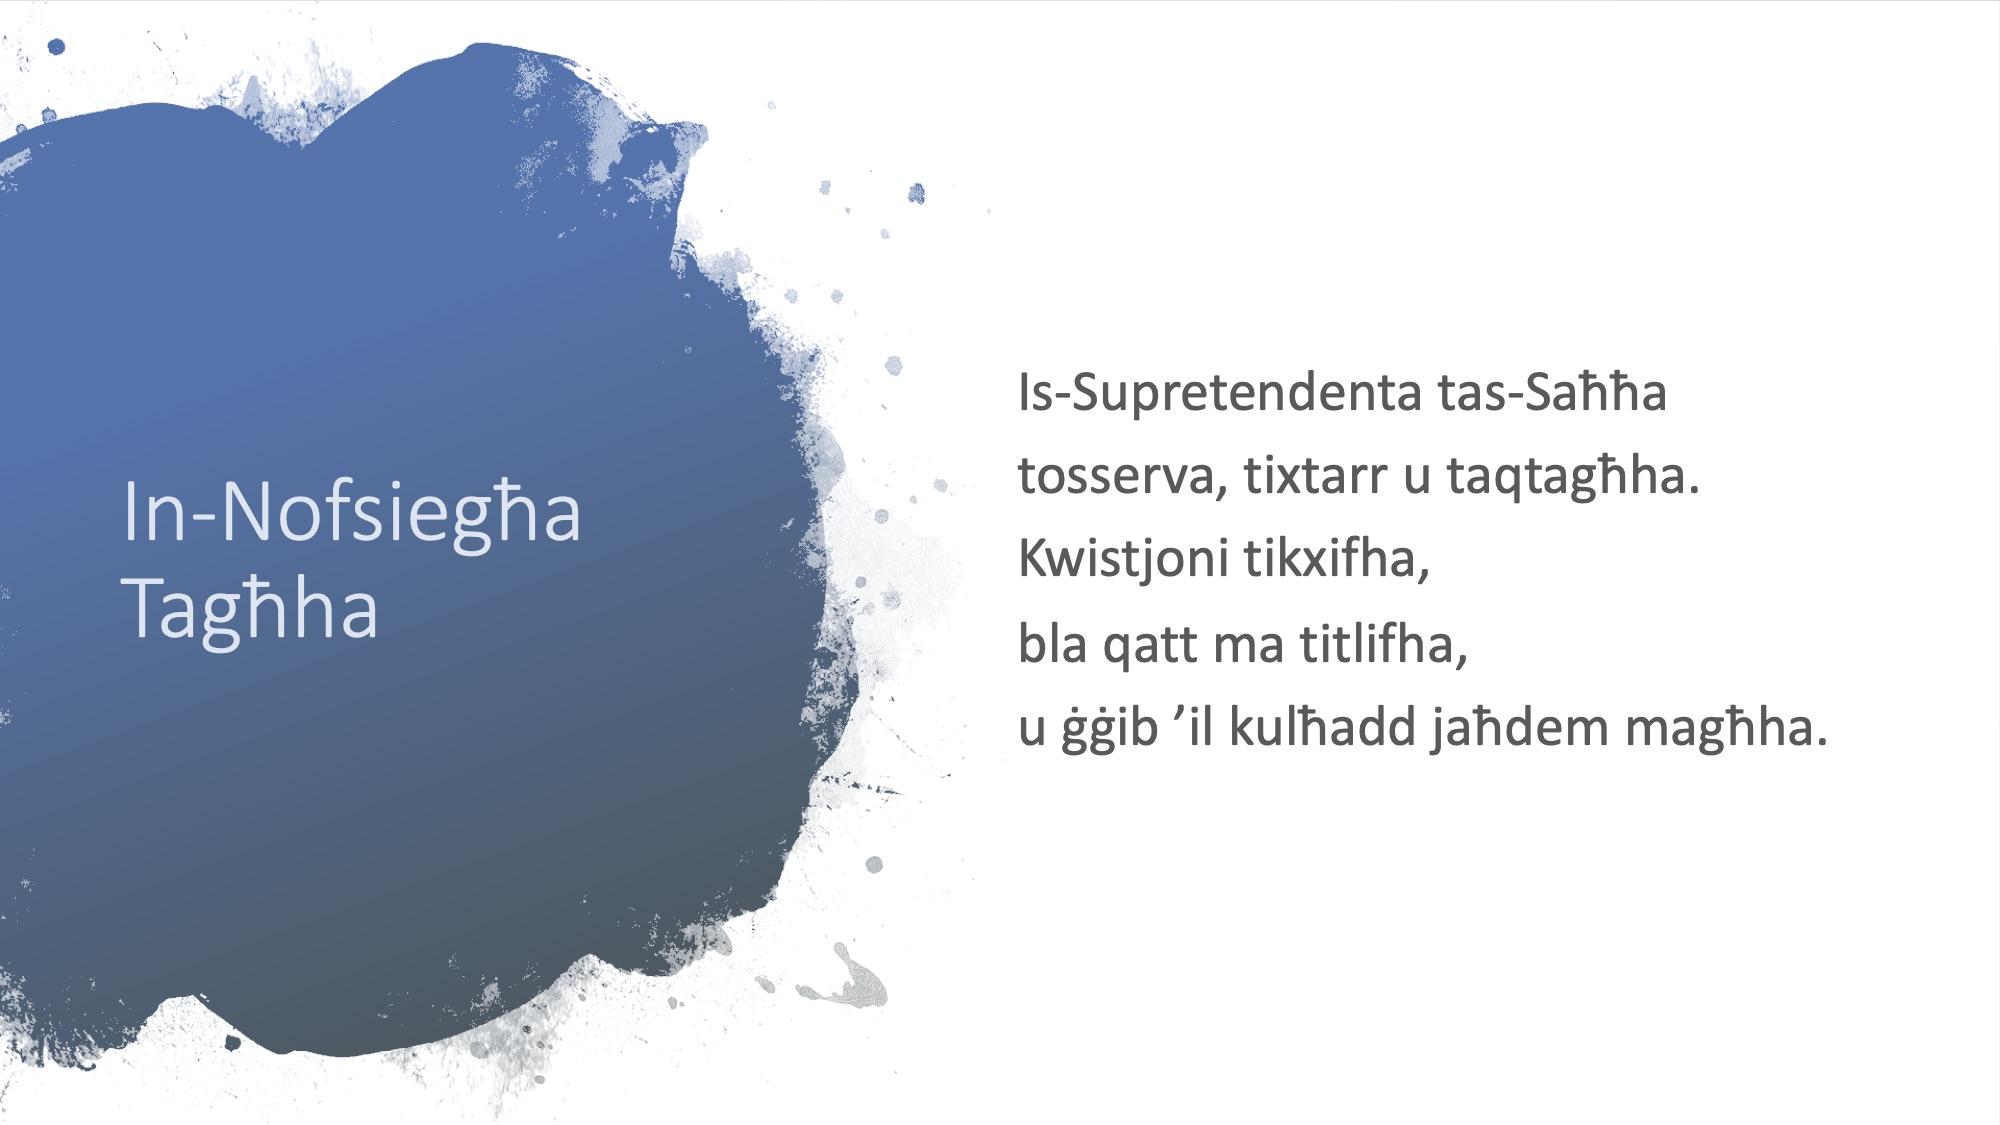 Il-Limerikki tal-Covid-19 - In-Nofsiegħa Tagħha - 2